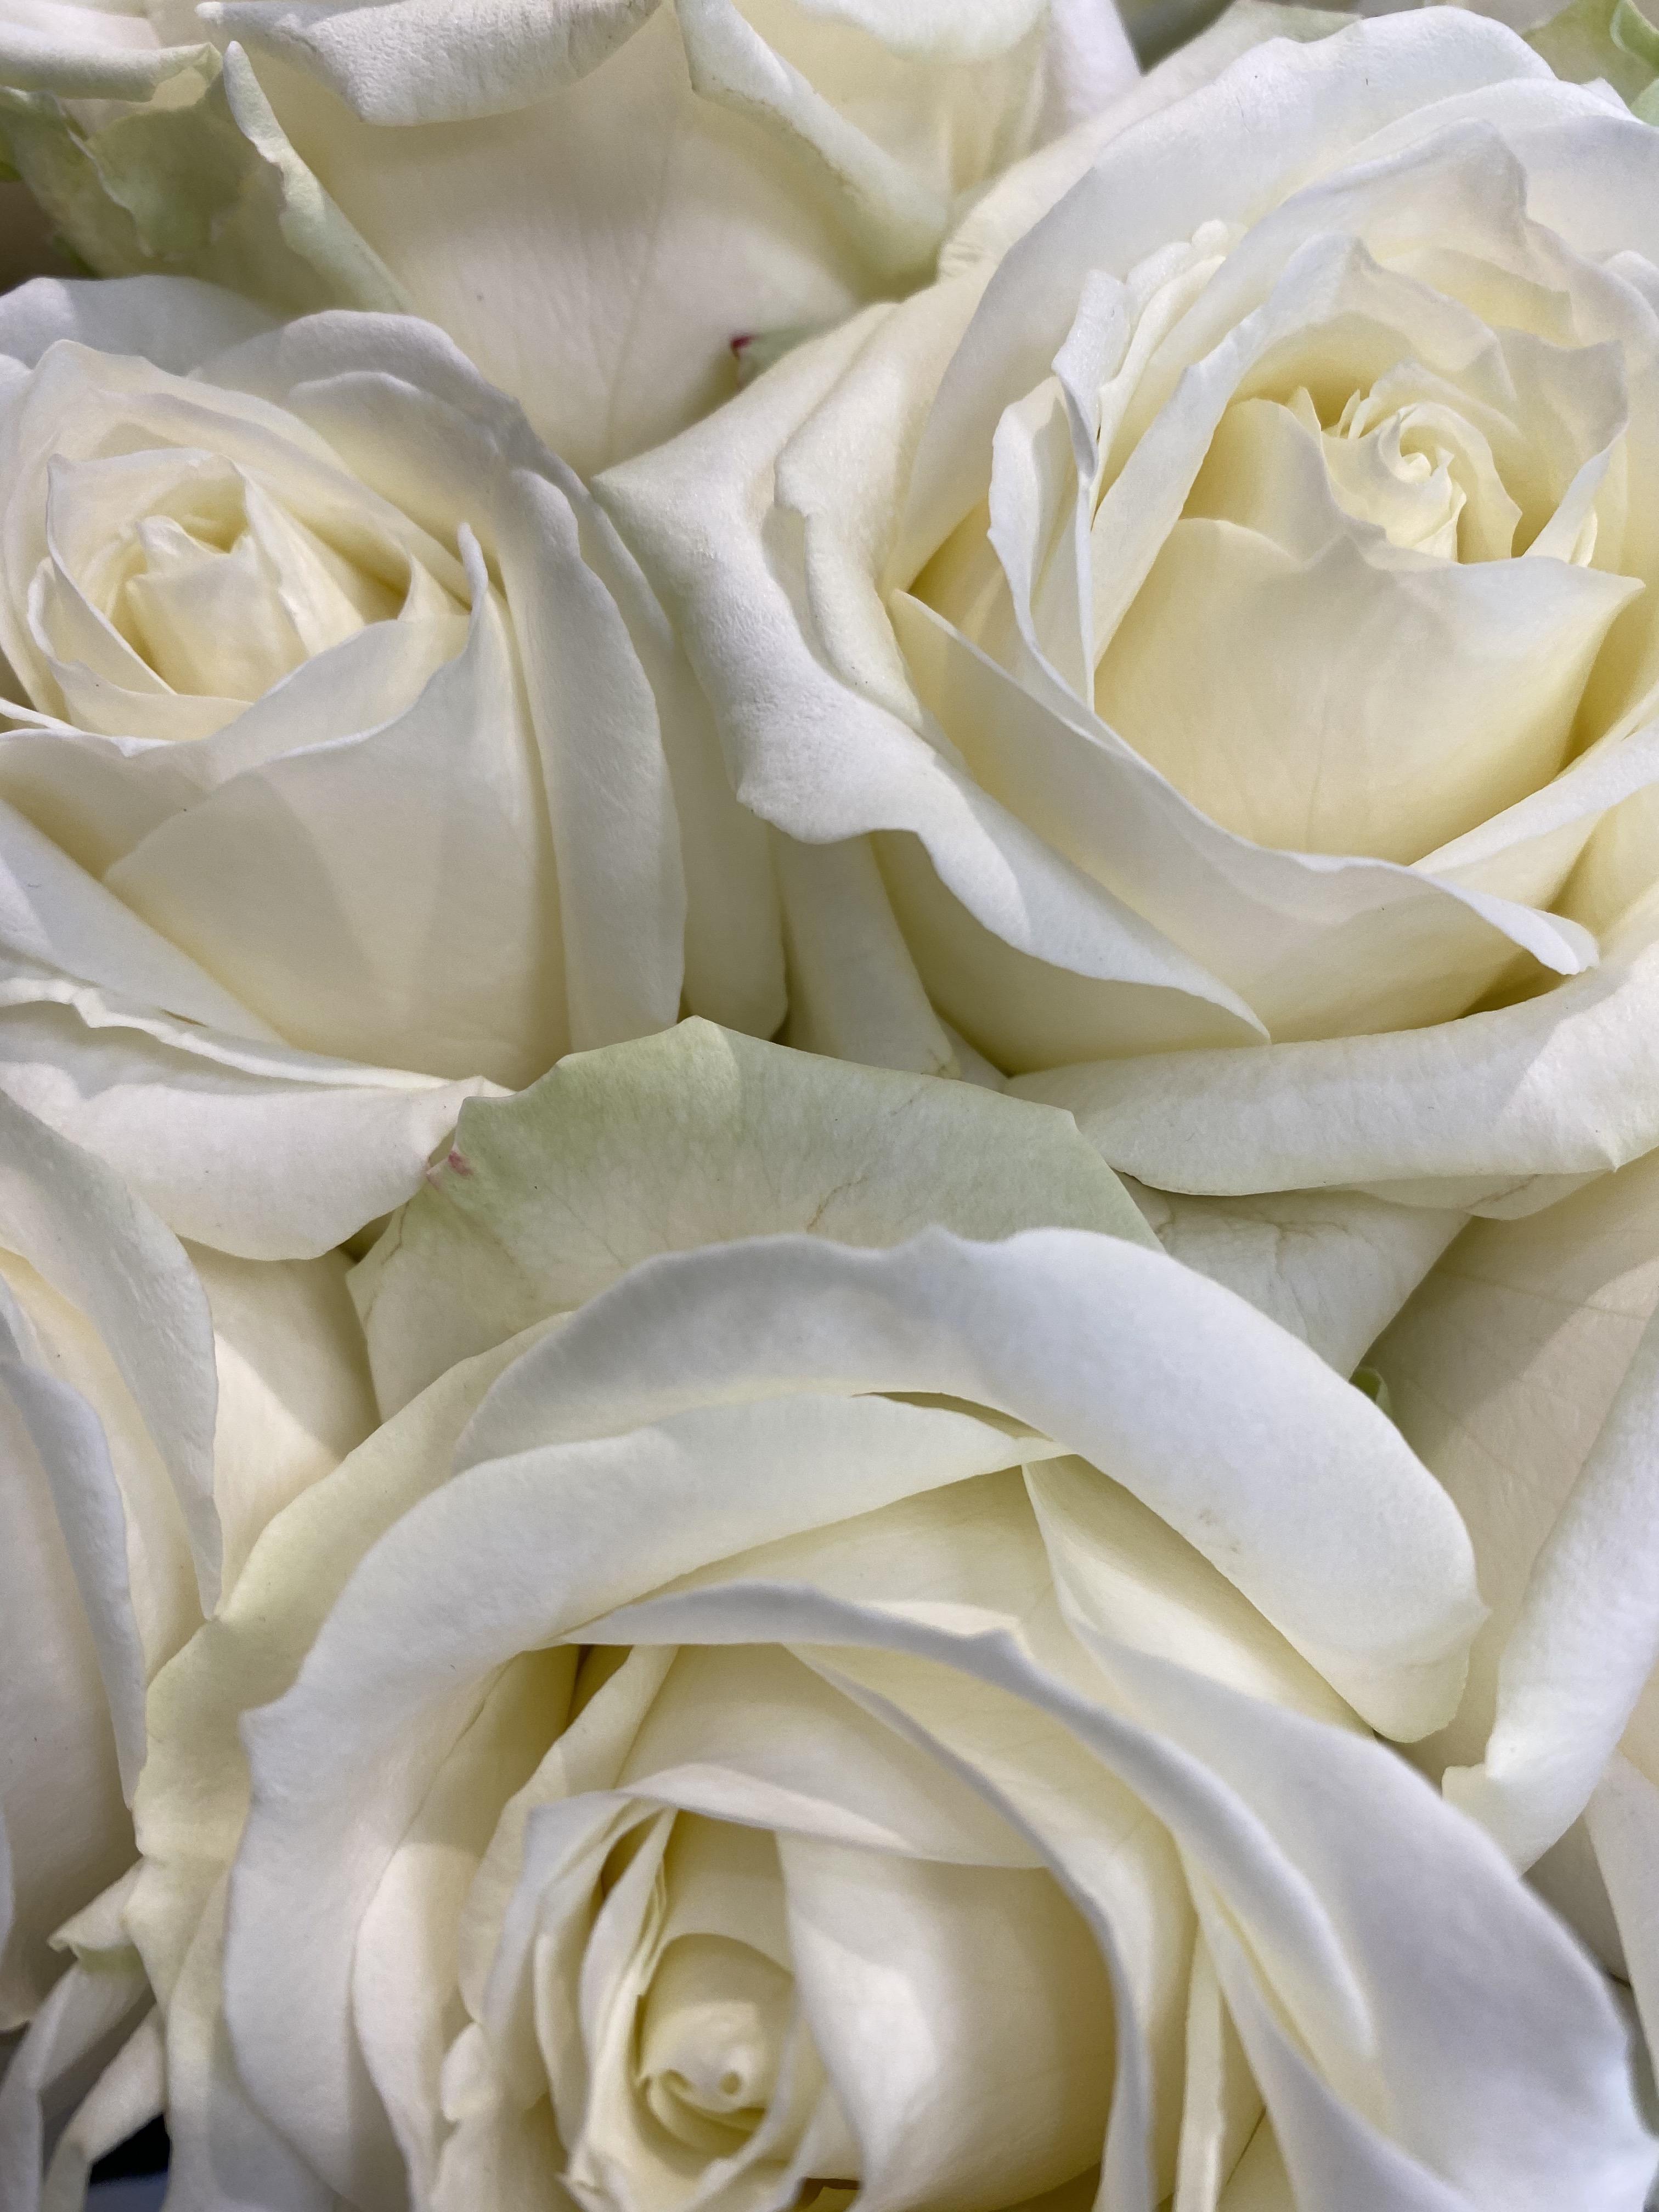 Mazzo di rose bianche a gambo lungo - Scegli il numero di rose che vuoi